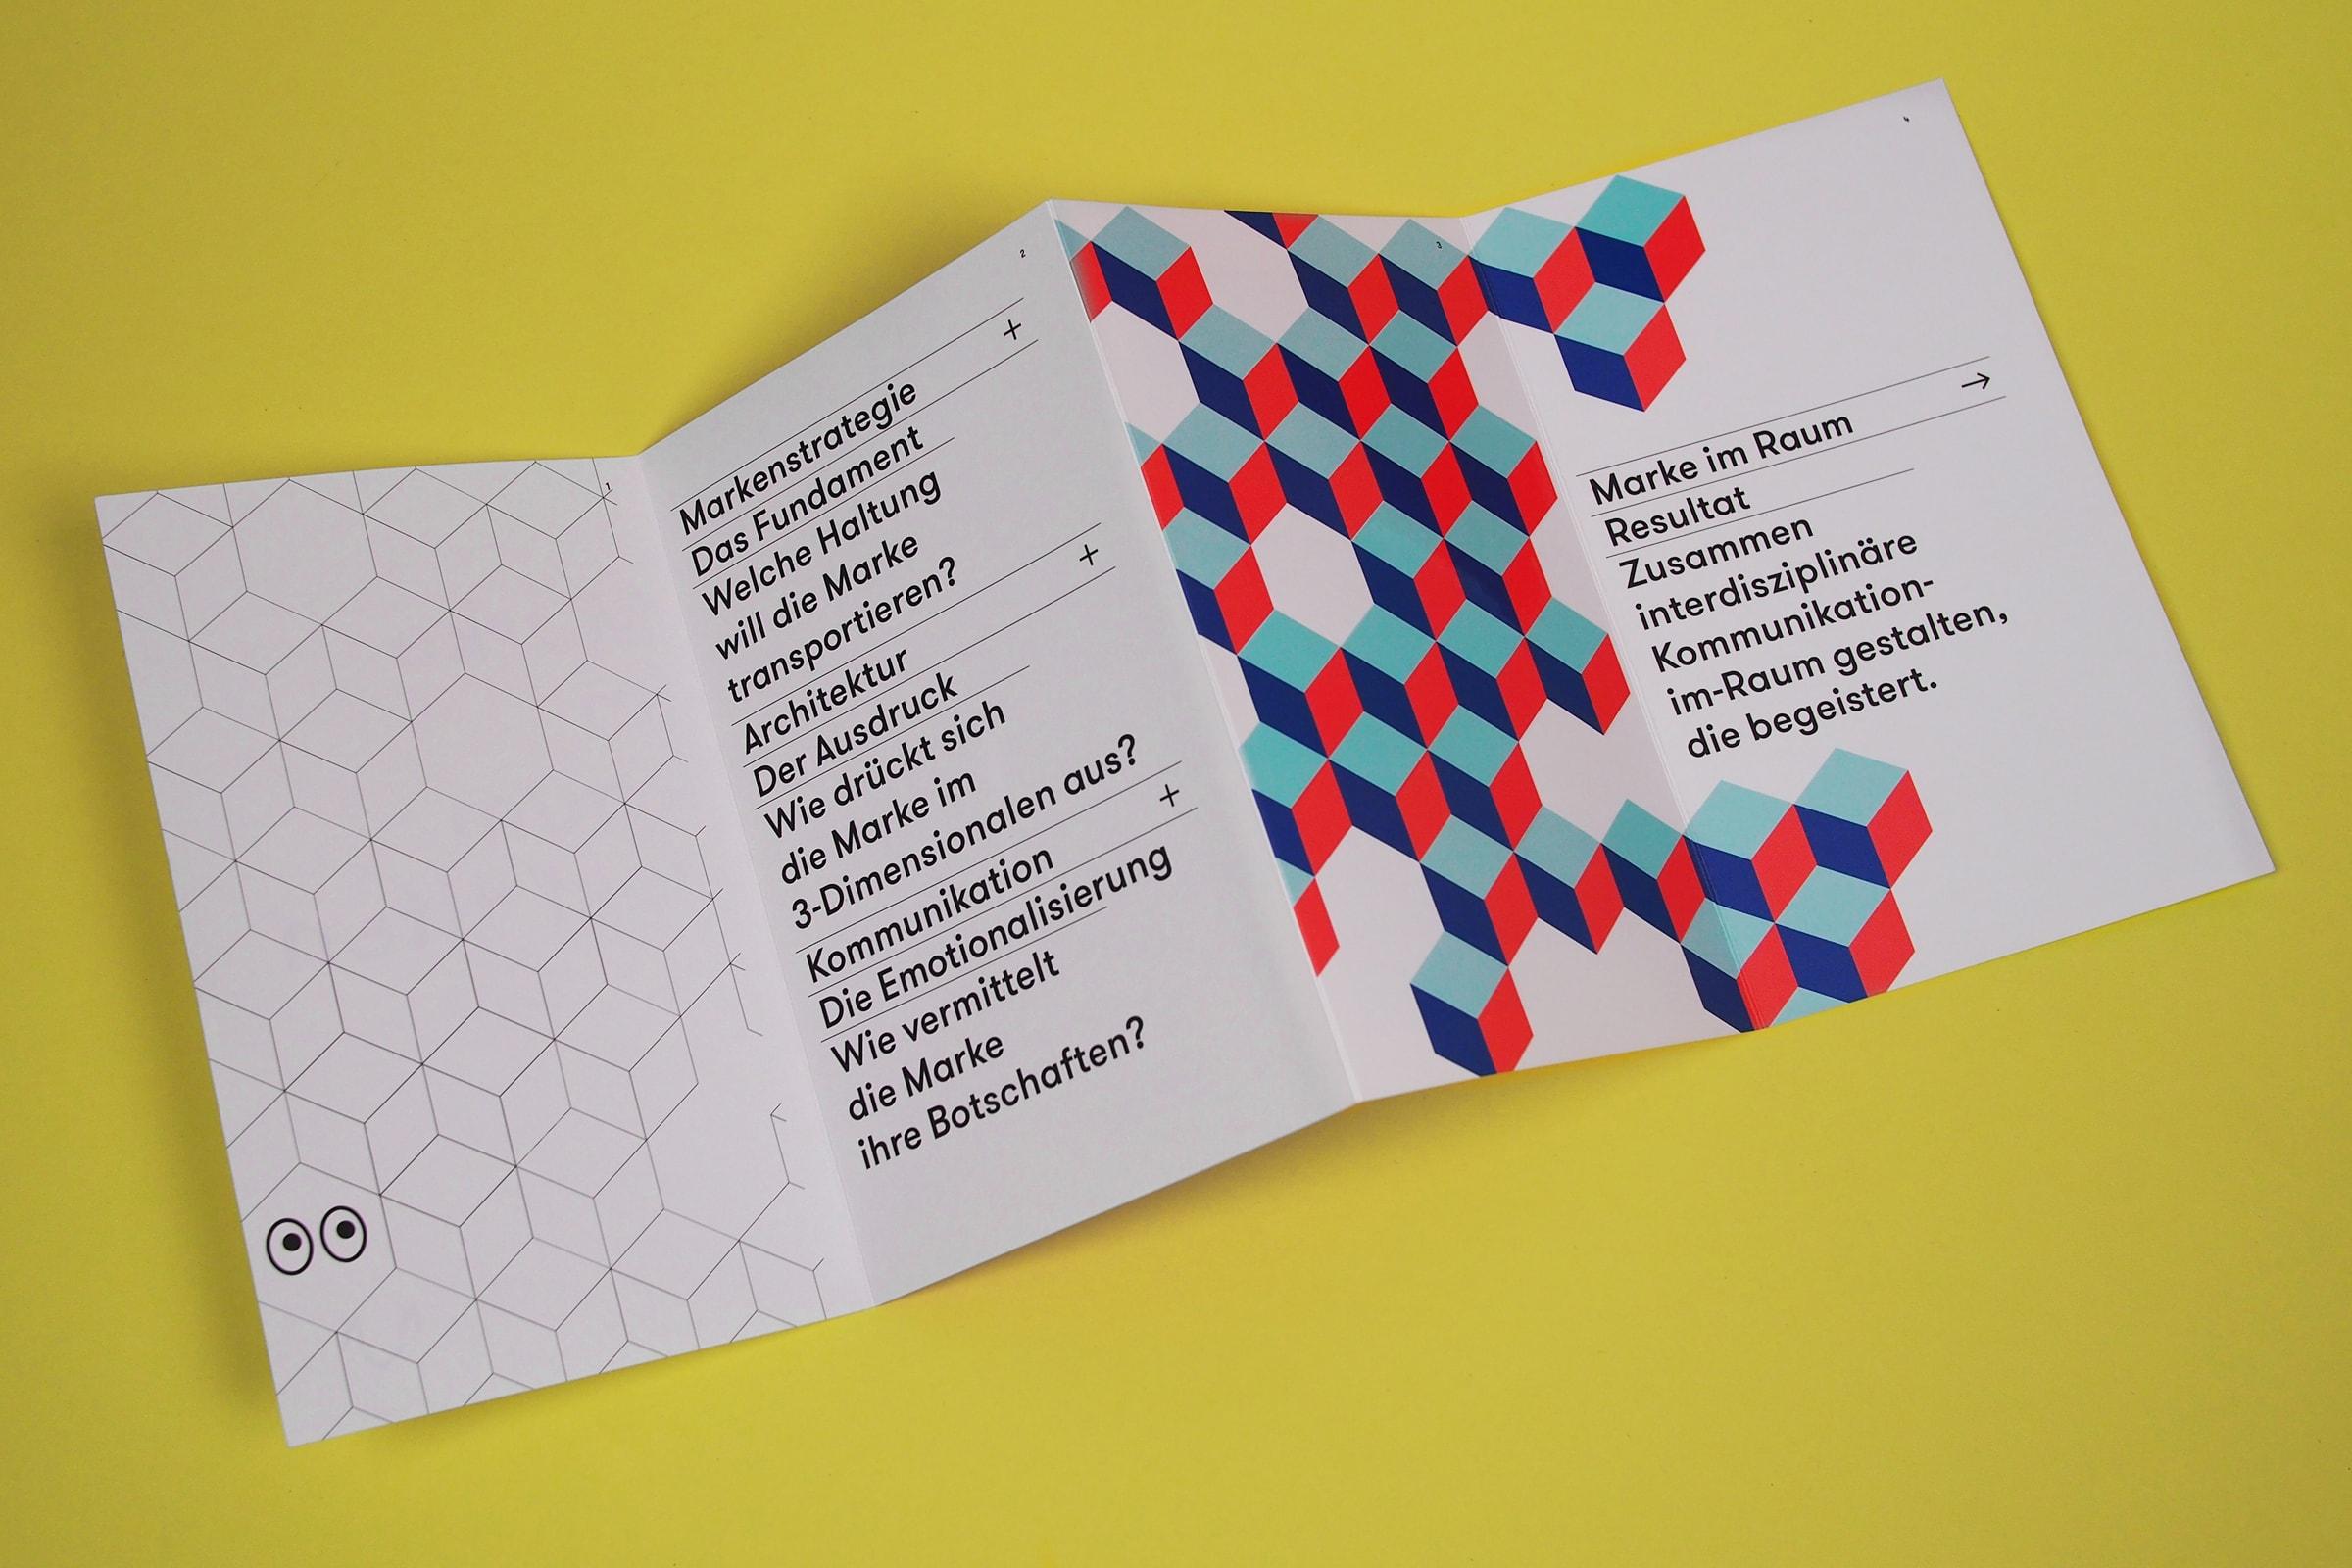 Marke im Raum, Kommunikation im Raum, Architektur, Aussendung, Mailing, Editorial Design